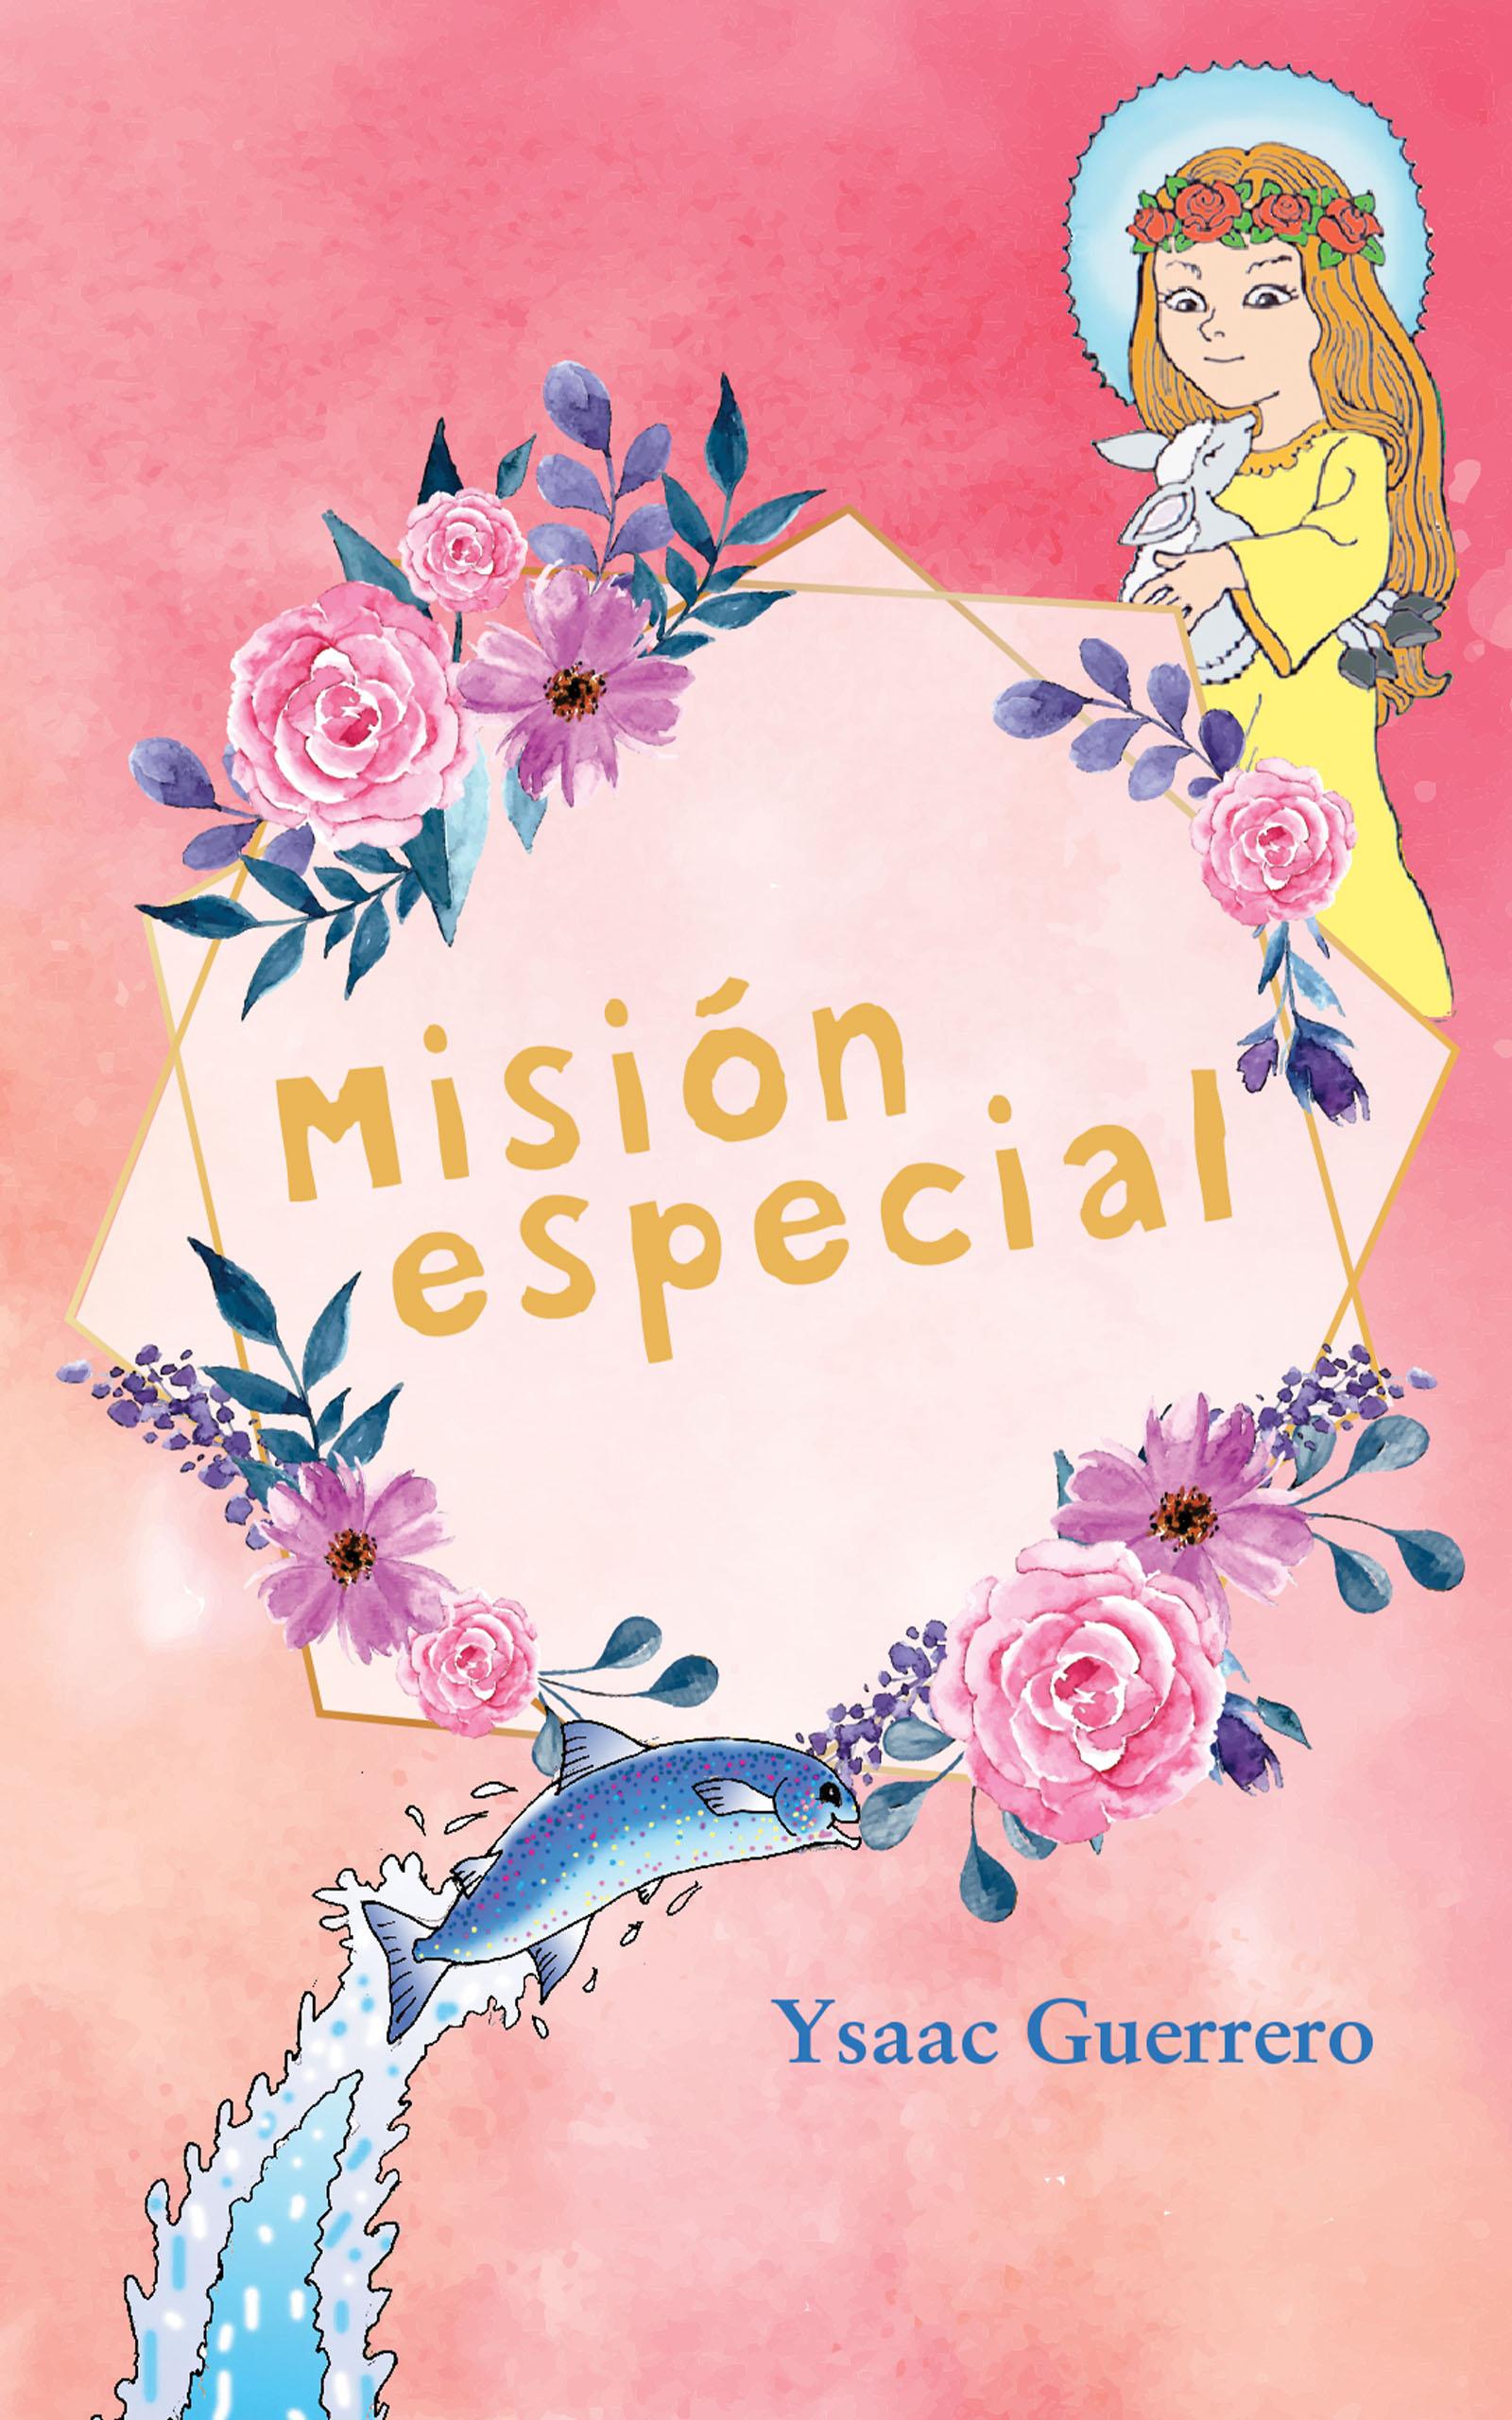 Misión especial, de Ysaac Guerrero